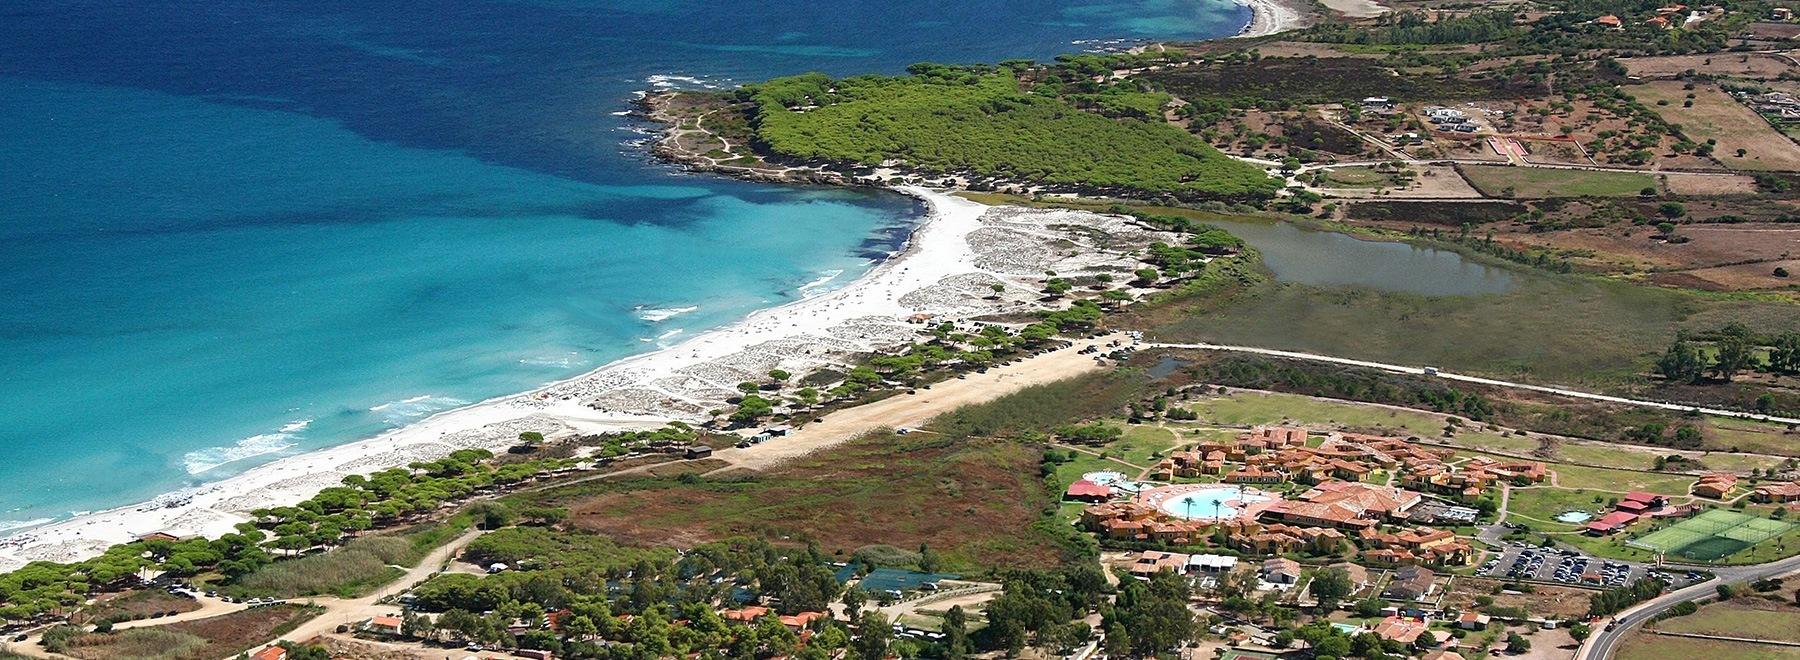 Guida turistica di budoni cosa vedere le spiagge e gli for Sardegna budoni spiagge